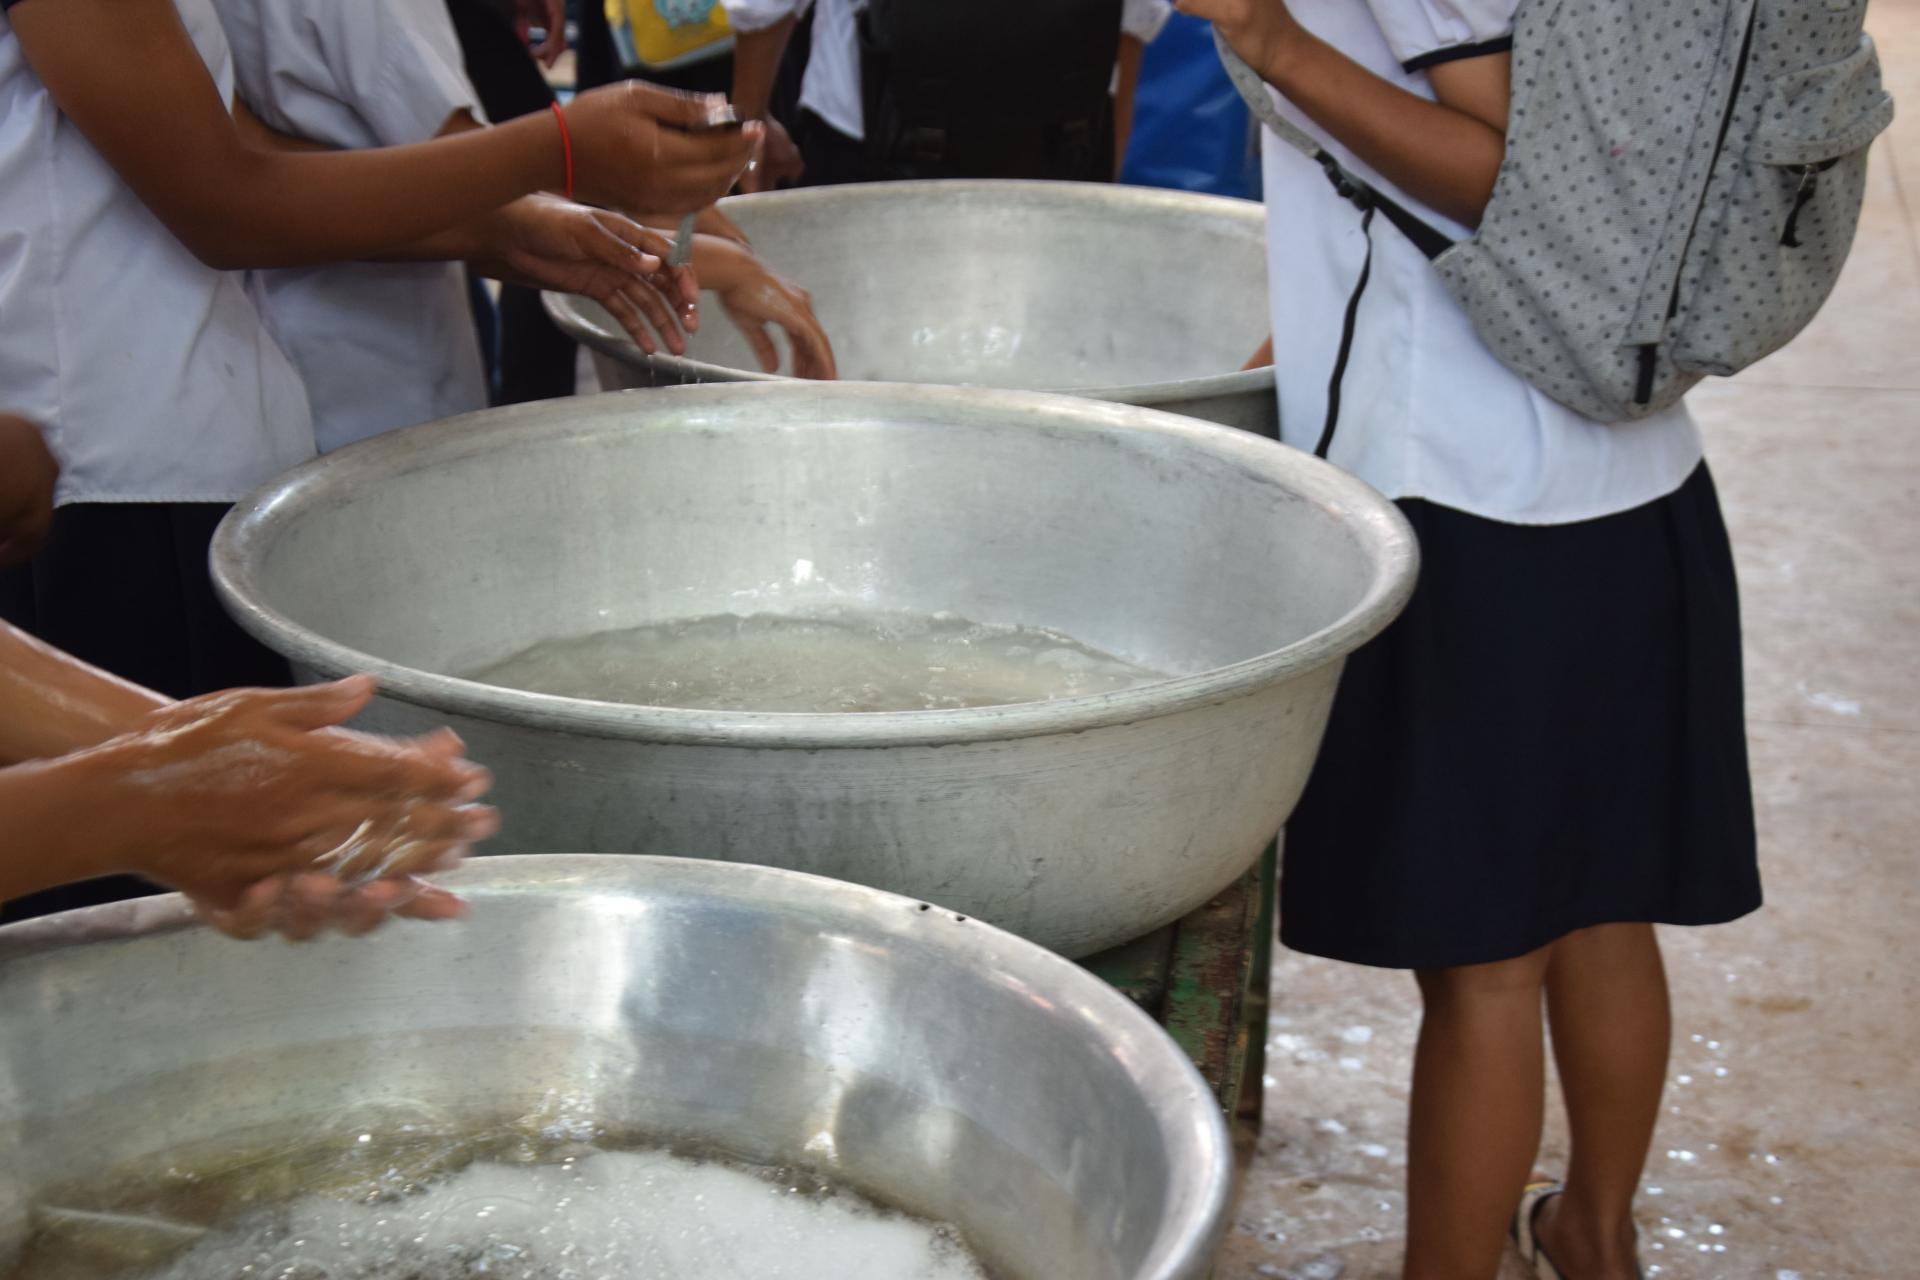 Les élèves se lavent les mains avant d'aller manger